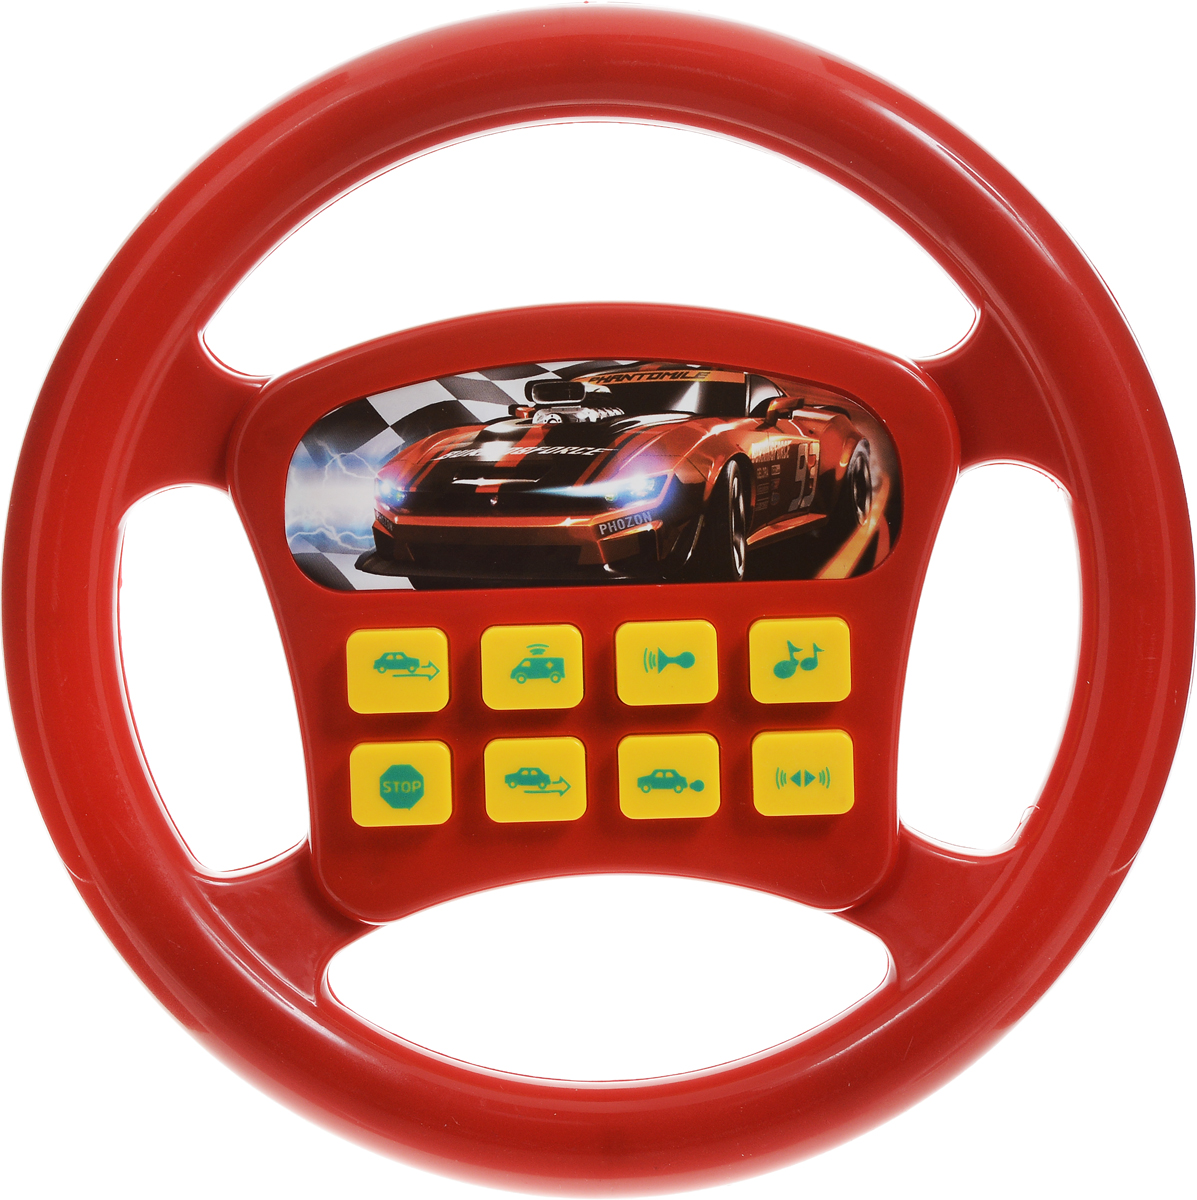 Играем вместе Игрушечный руль Машина цвет красный игровые рули играем вместе руль